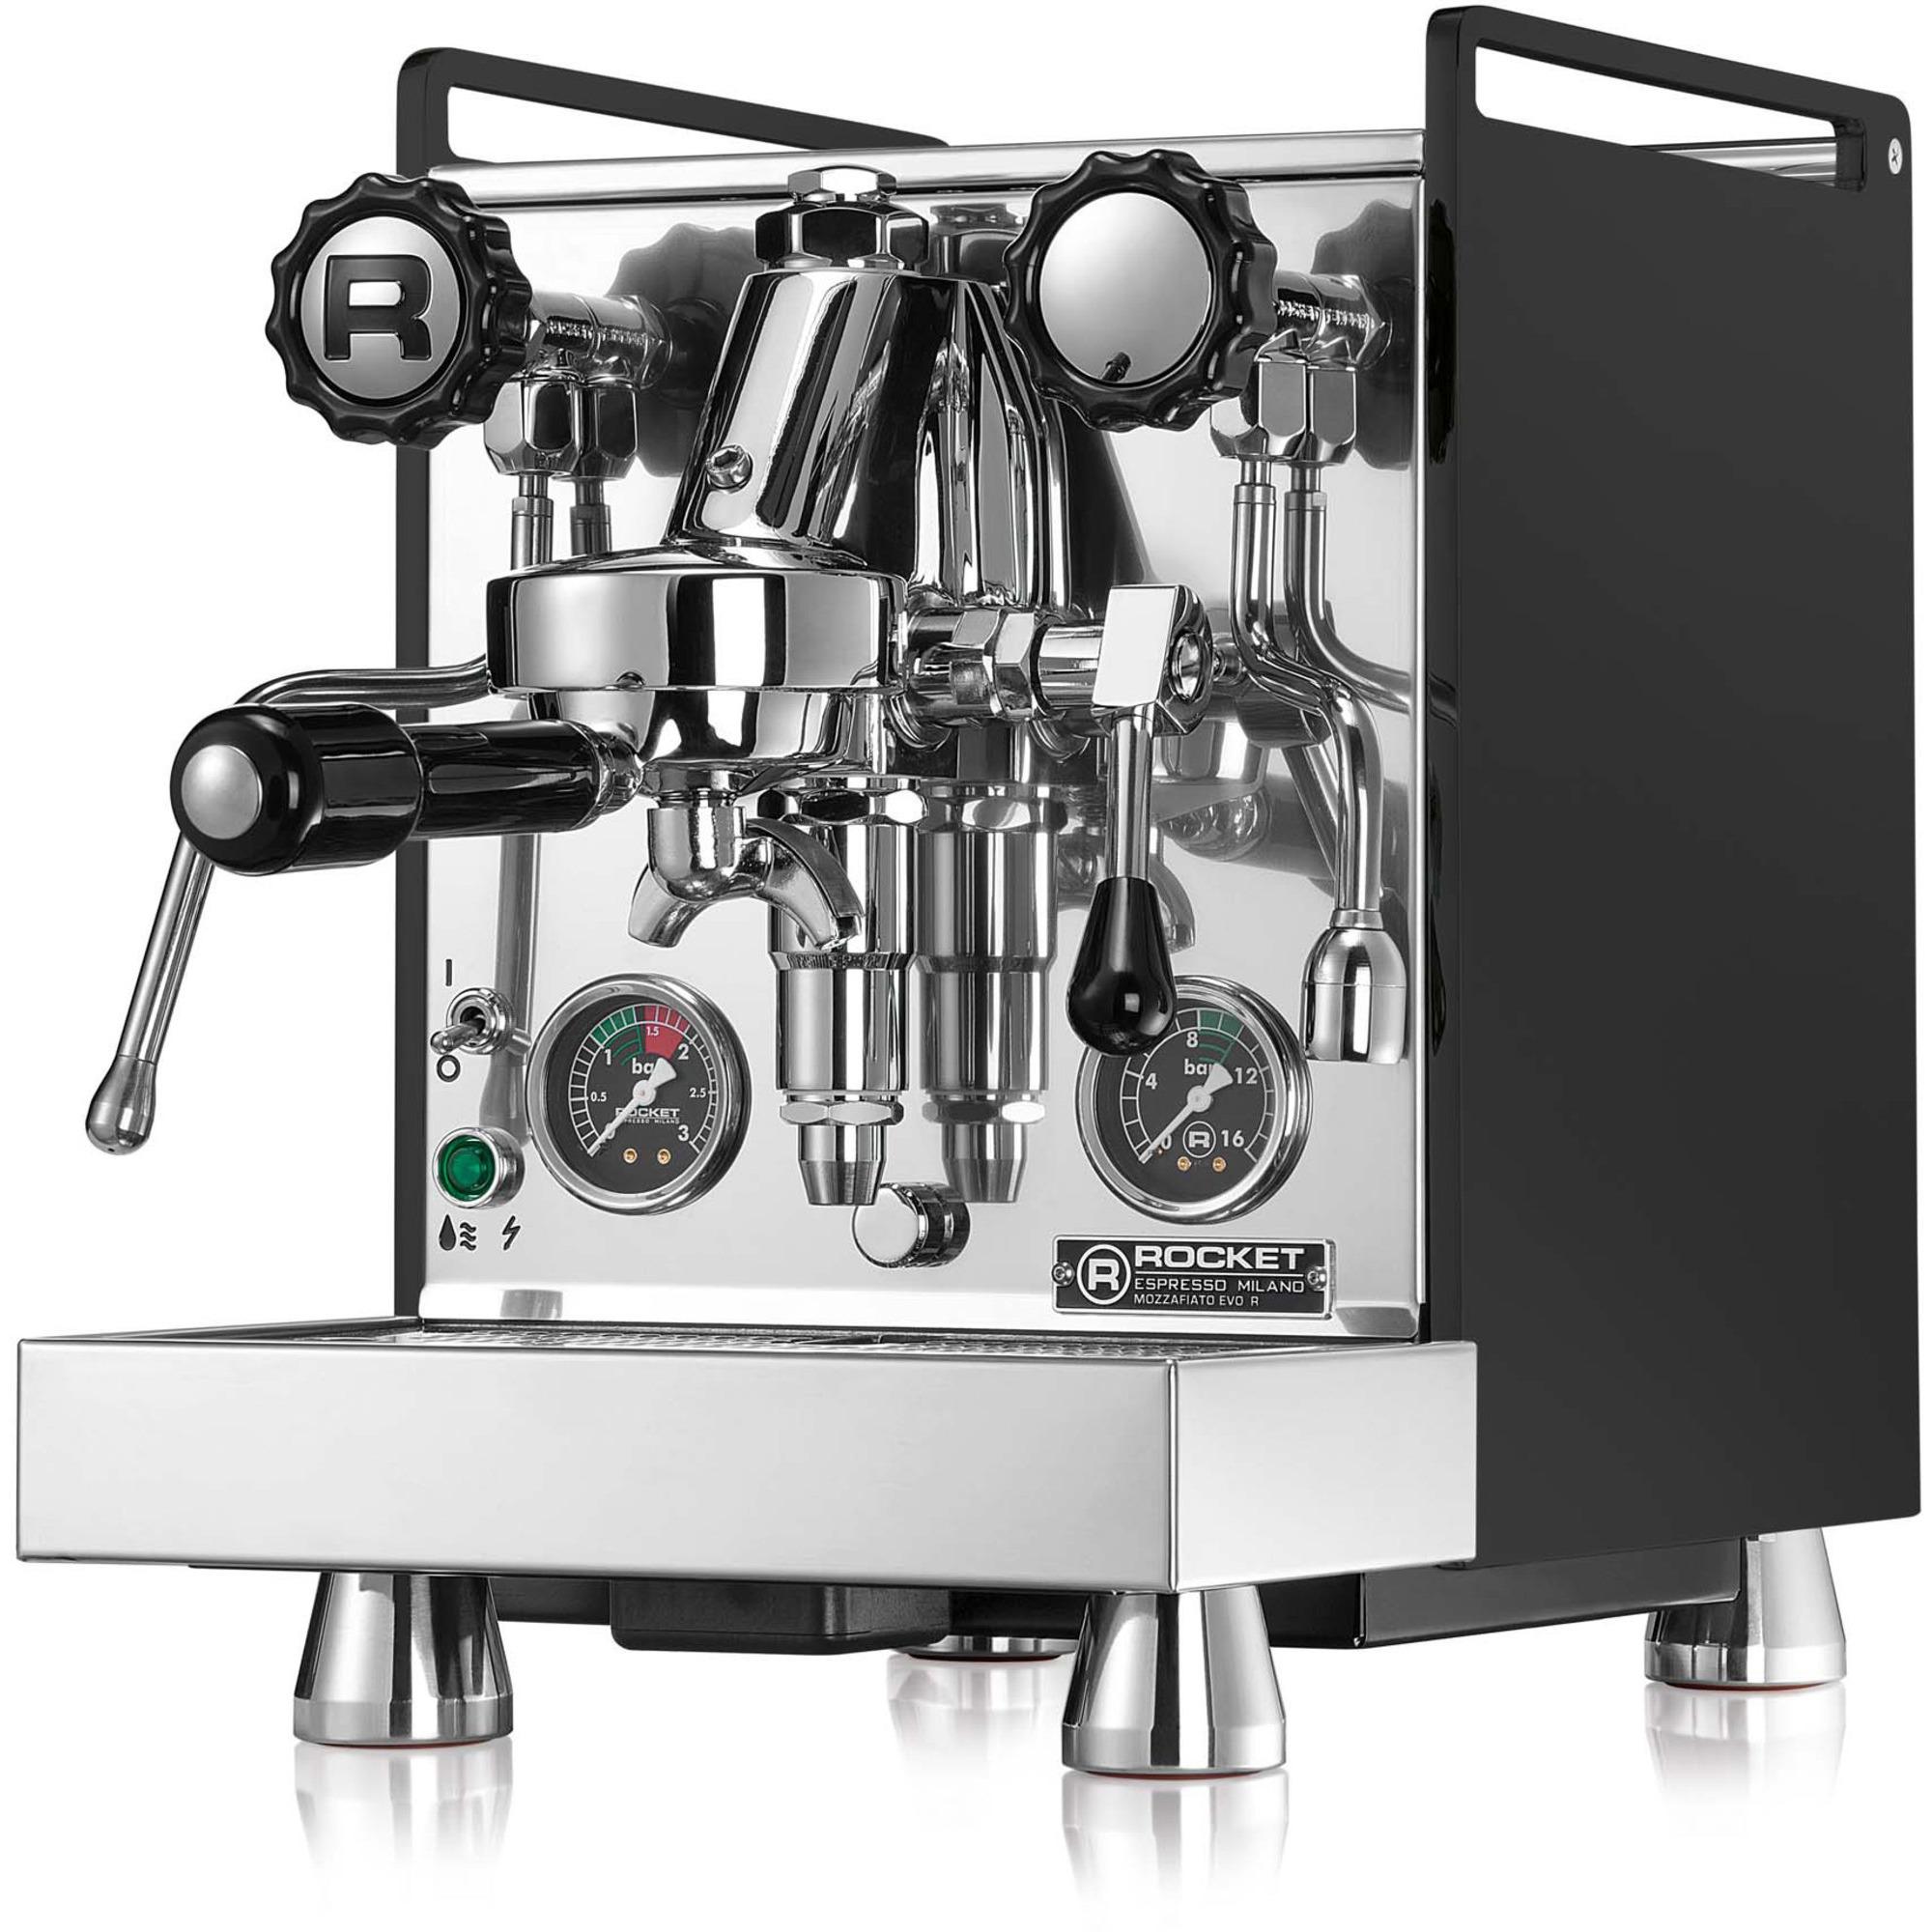 Rocket Mozzafiato Espressomaskin Evoluzione RSvart